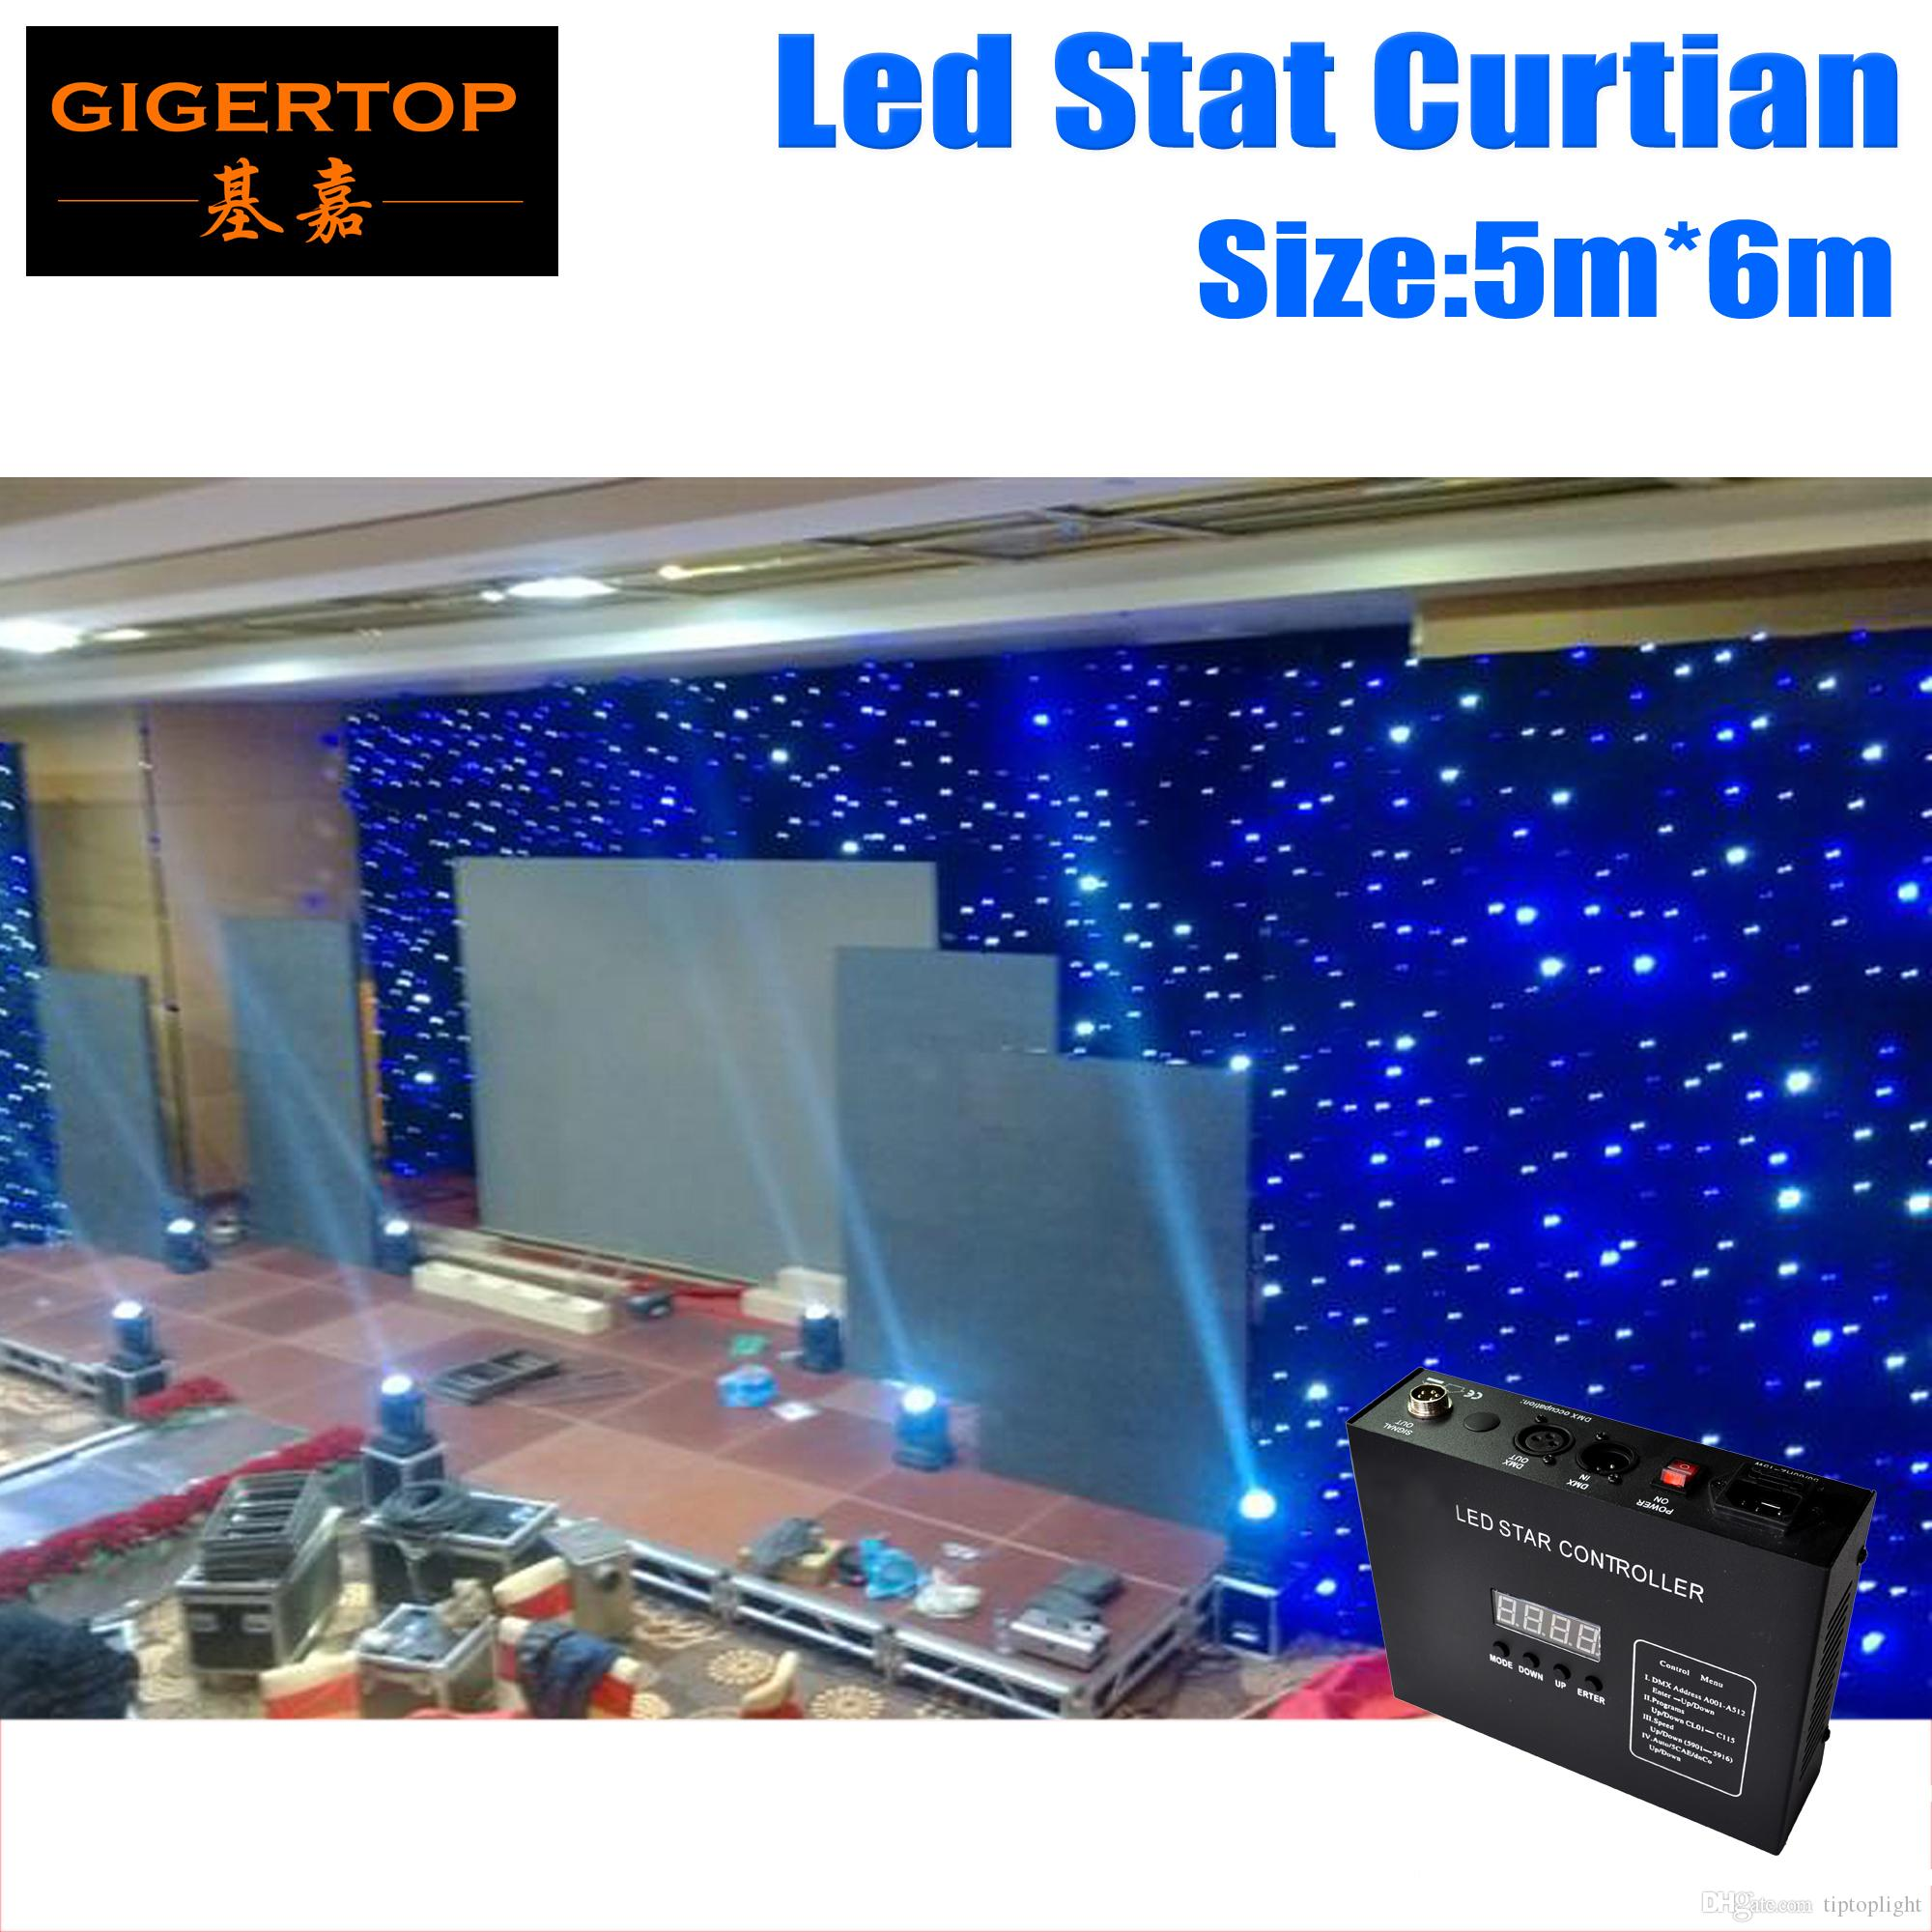 Freeshipping 5M * 6M führte Sterntuch-Bühnenhintergrund Auftrag Kundengebundene LED-Hintergrund-Vorhang-Schirm-Pixel-Neigung fertigte 5mm RGB farbenreich besonders an